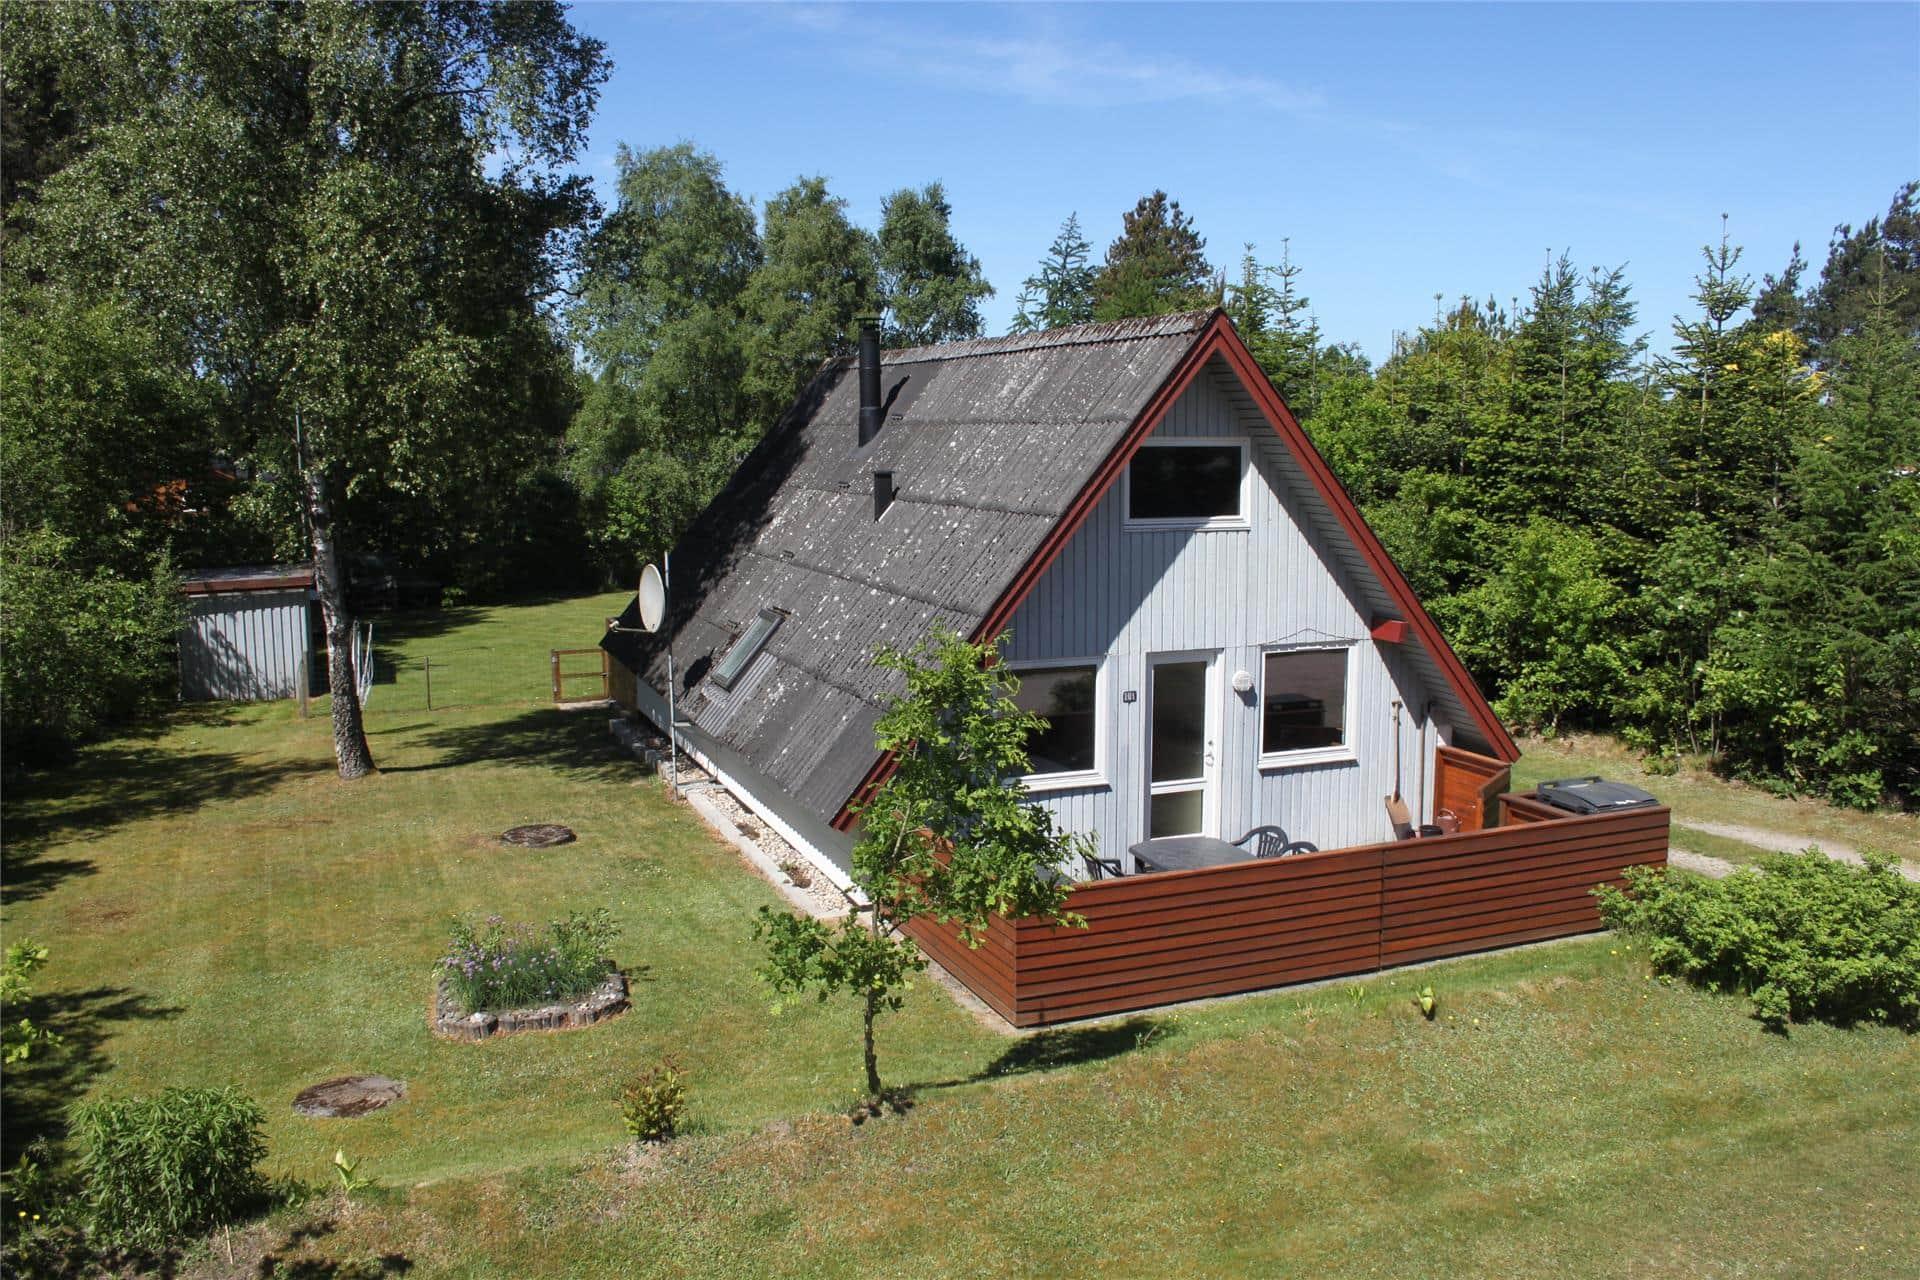 Billede 1-3 Sommerhus F50164, Teglgårdsparken 101, DK - 8882 Fårvang